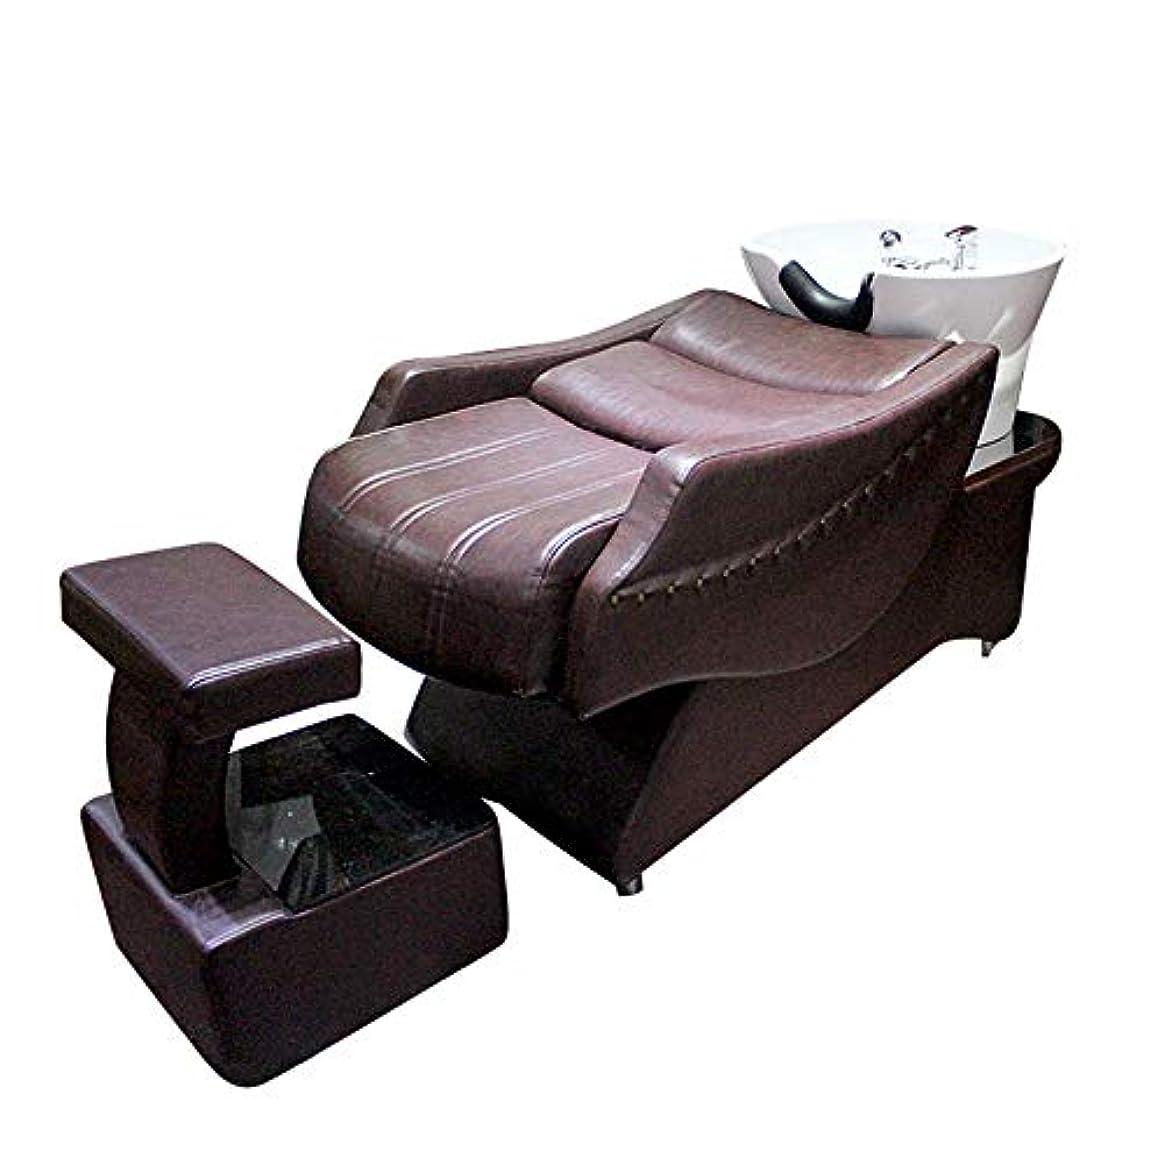 強風曲教室シャンプーチェア、半横になっているシャンプーベッドの逆洗ユニットシャンプーボウル理髪シンクシンクチェア用スパ美容院機器